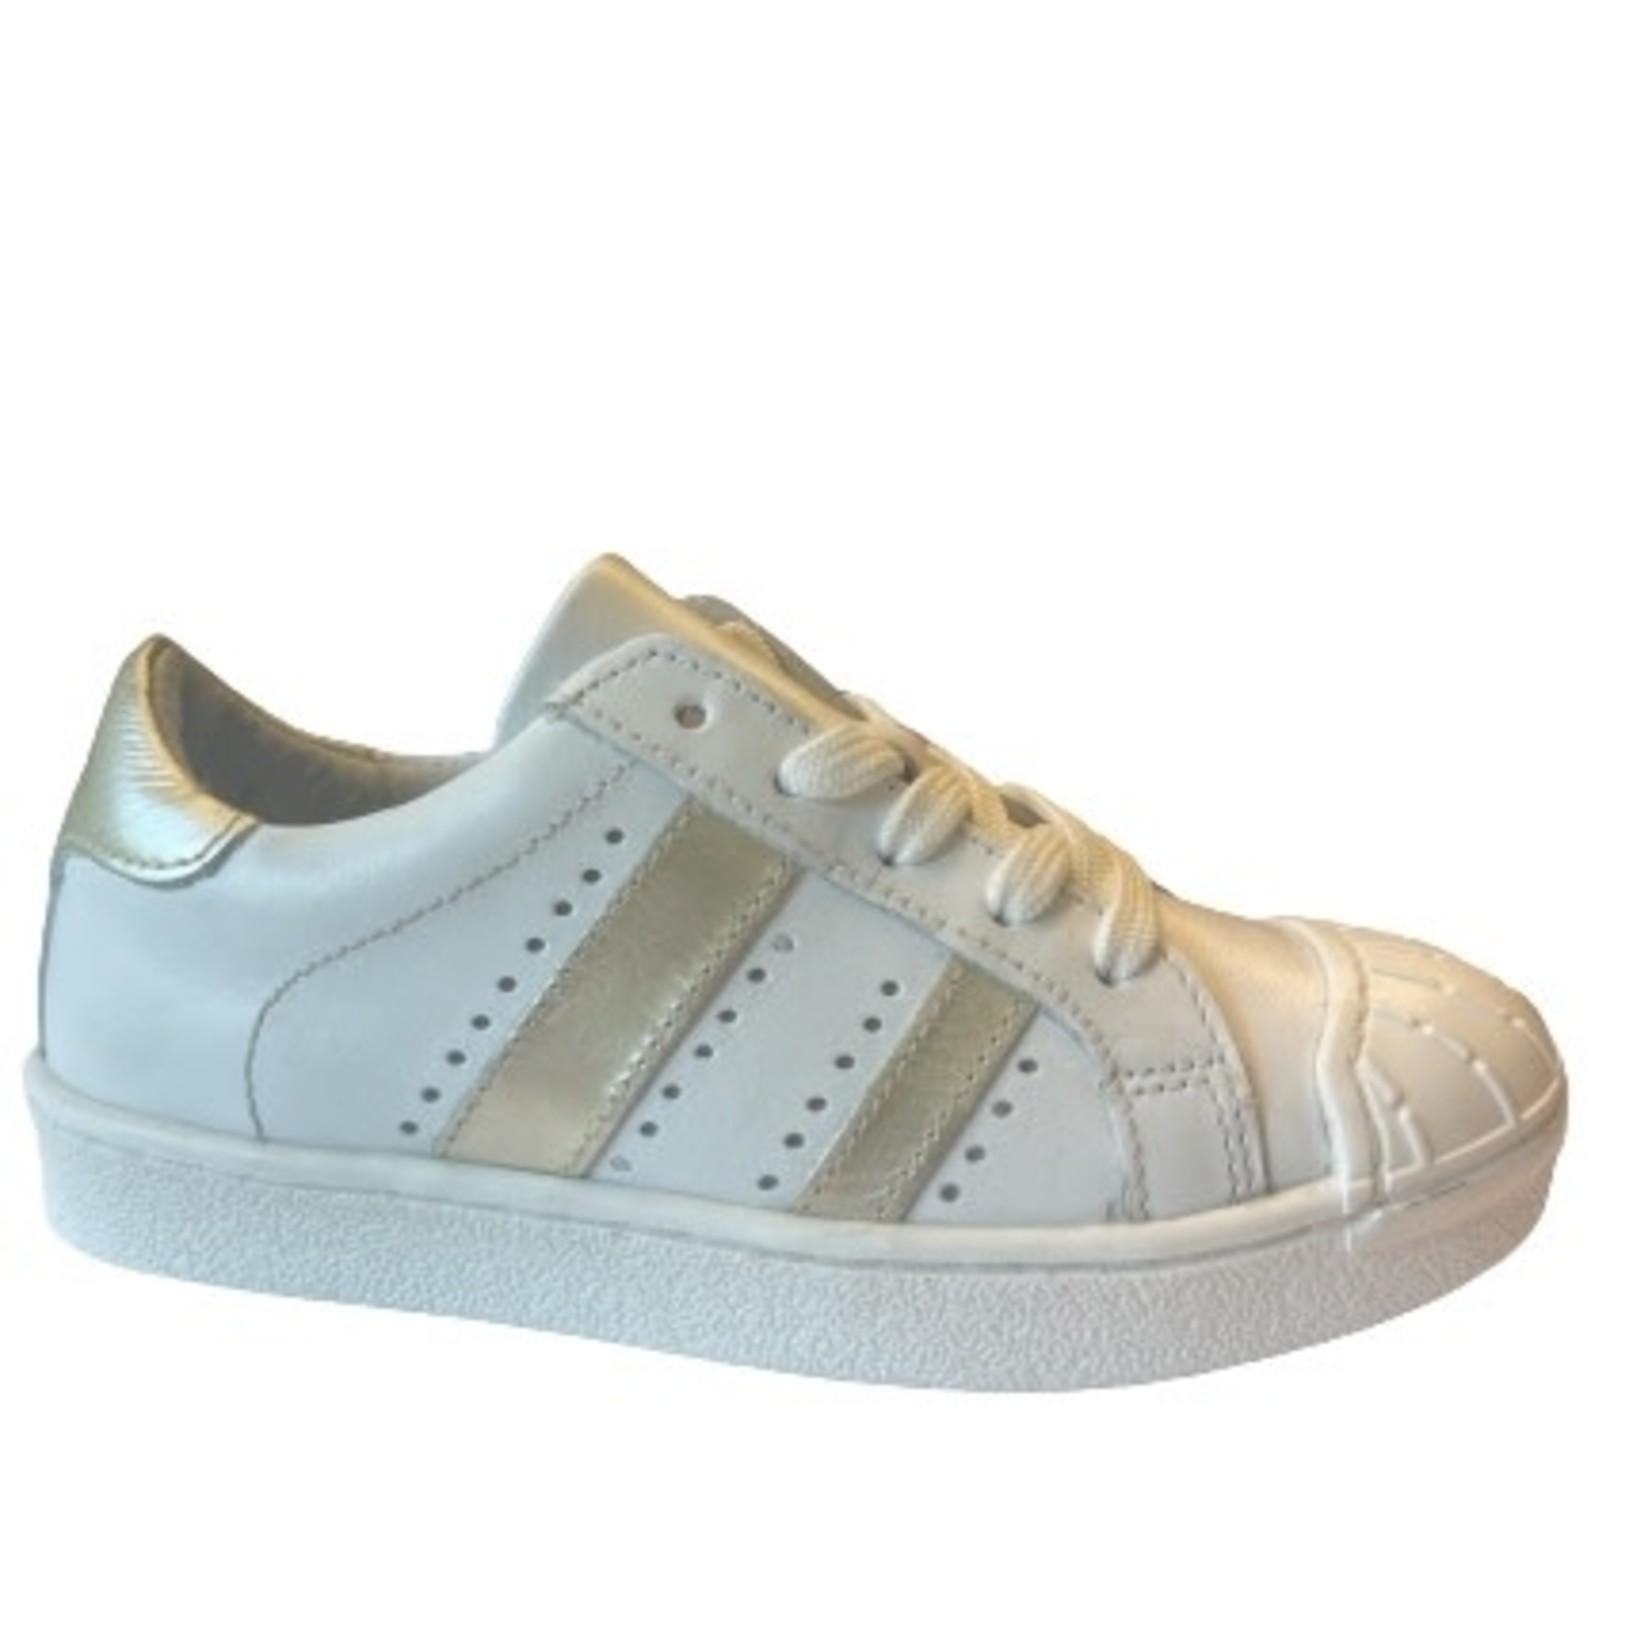 Sneaker Wit/goud streep